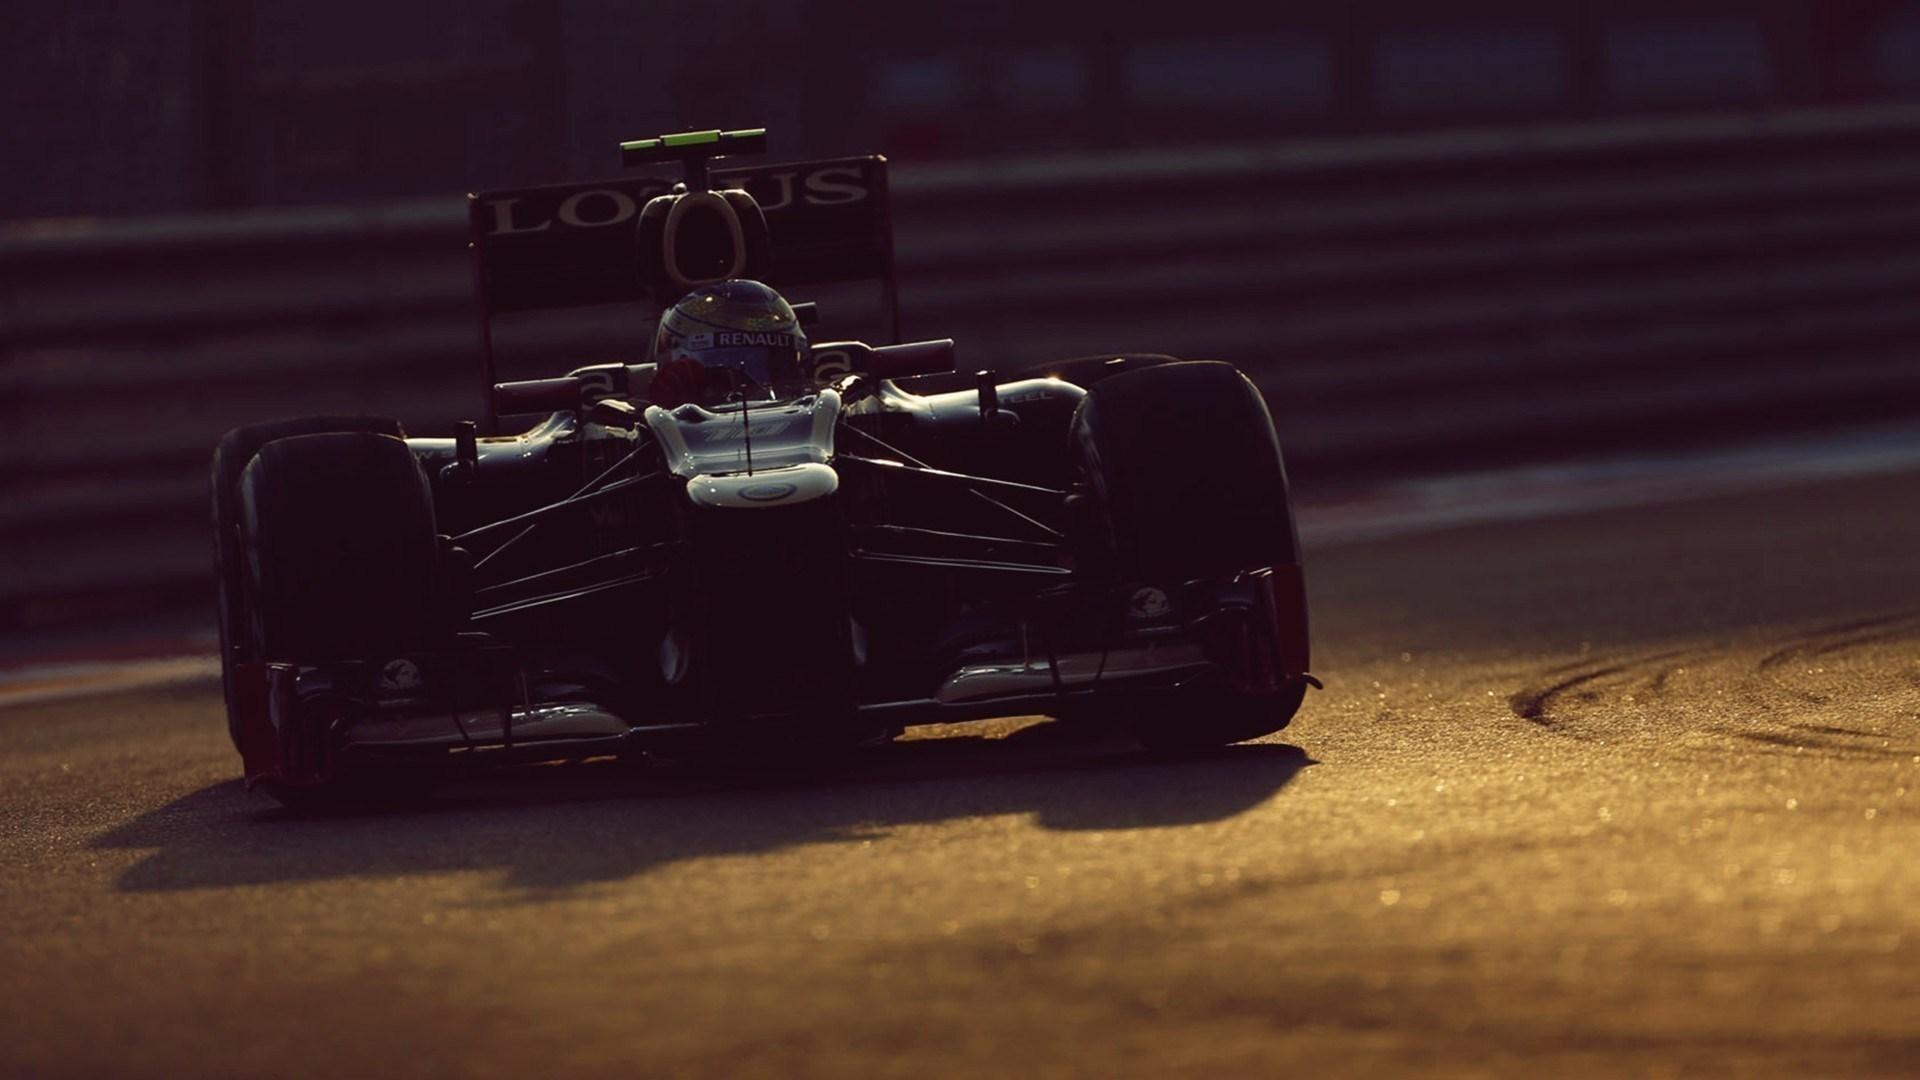 Formula 1 Car Desktop Wallpaper 49944